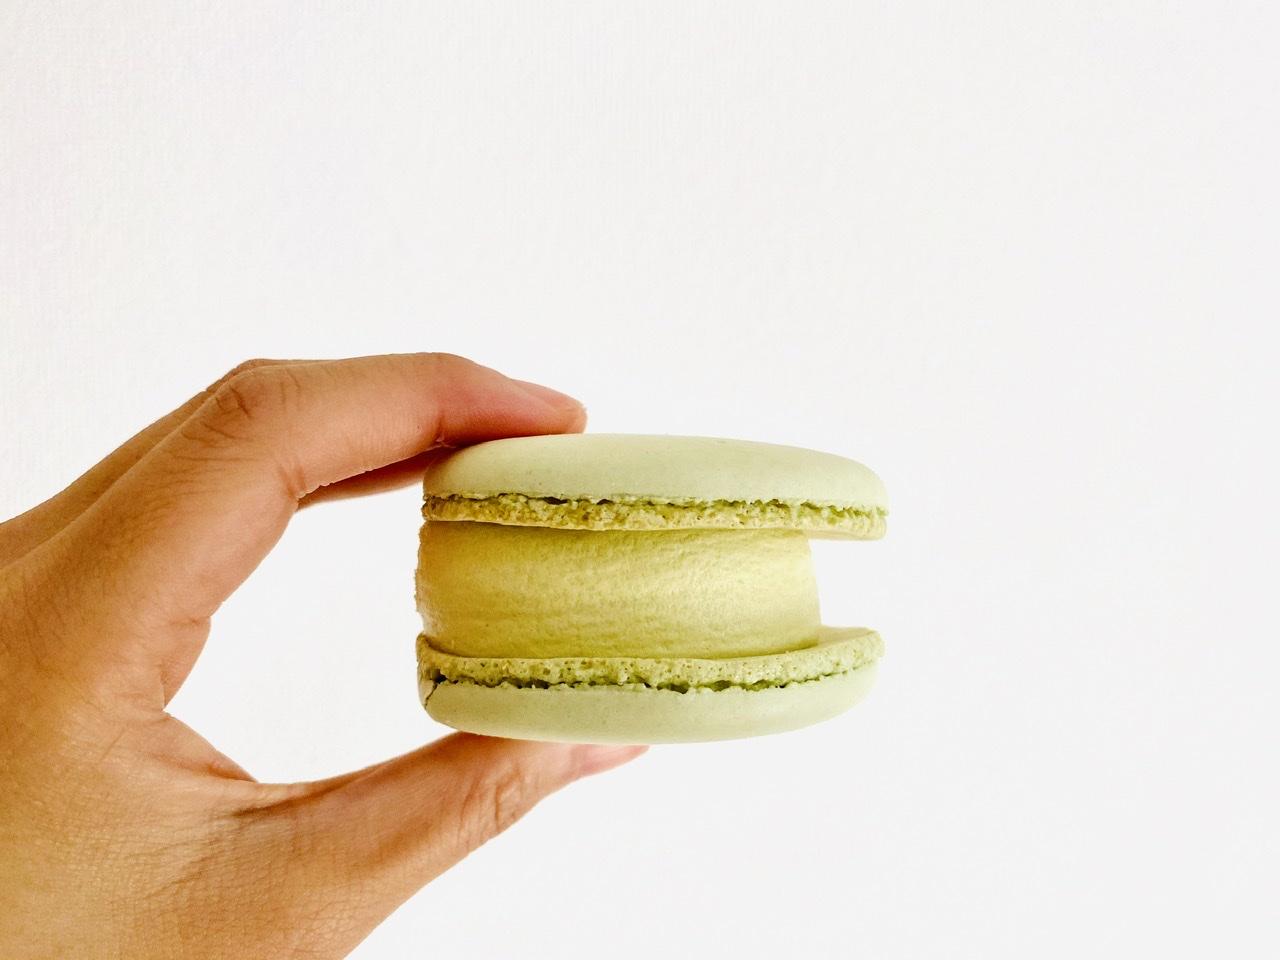 【セブン-イレブン】天才的な美味しさ!マカロンアイスから《ピスタチオ》が新登場♡_3